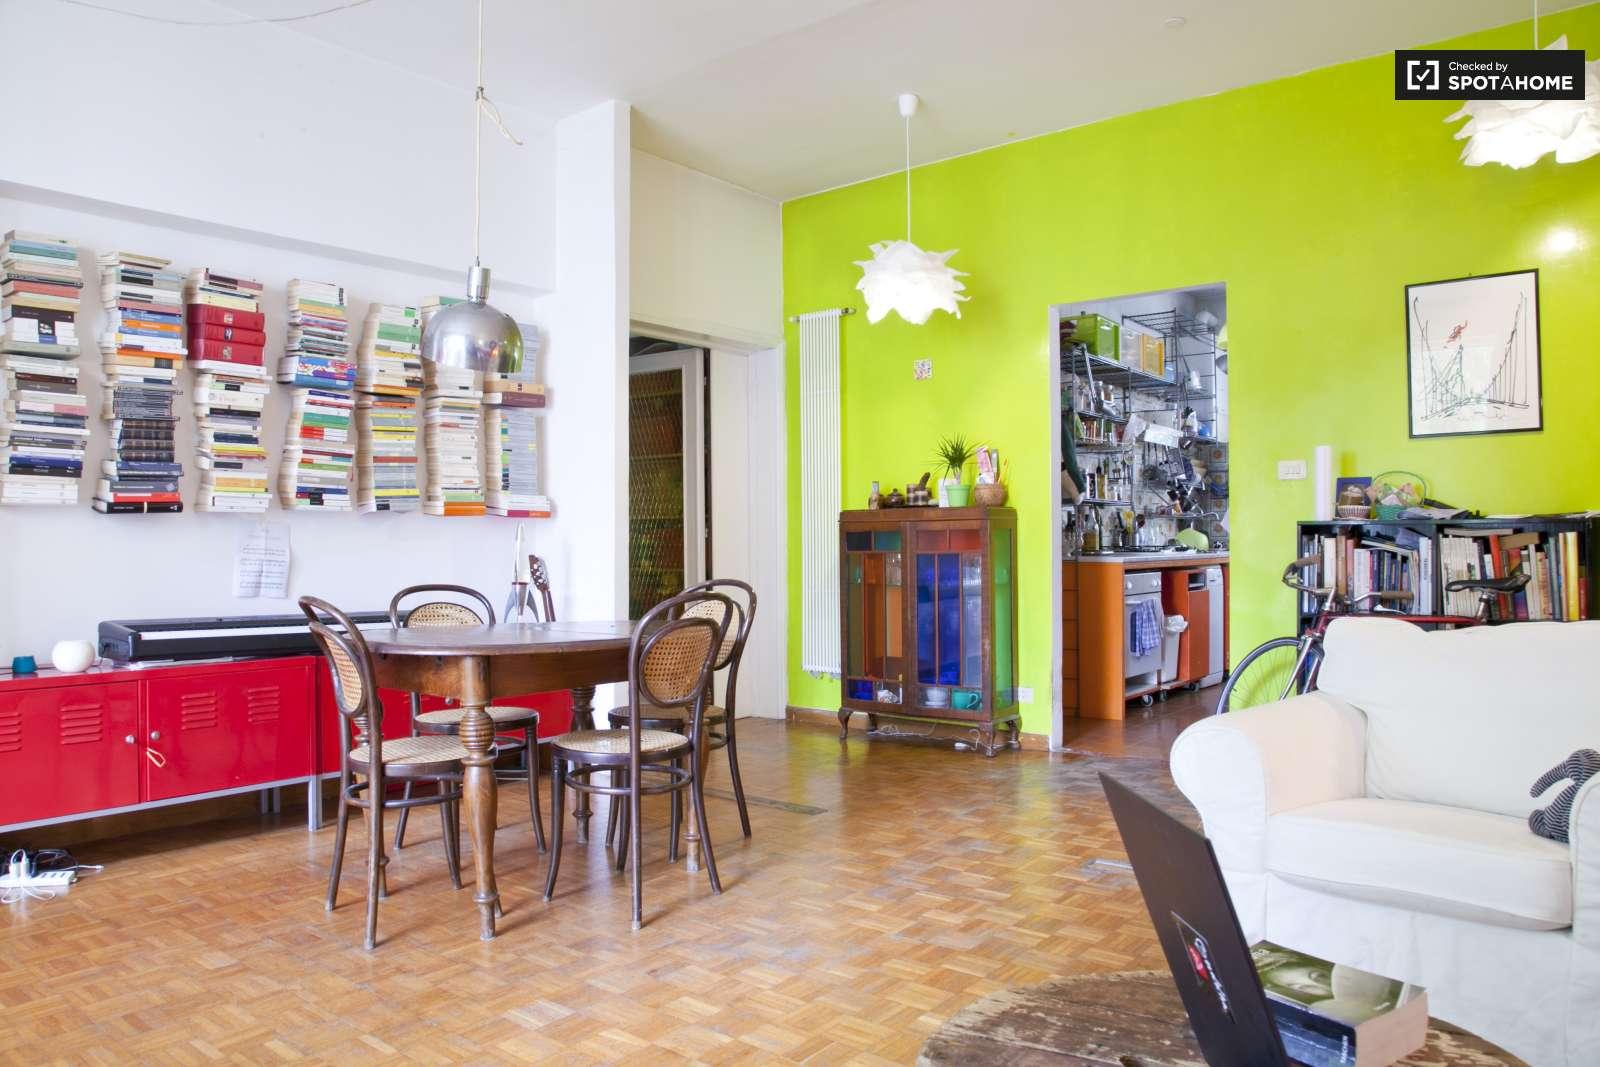 Stanza in affitto in un appartamento con 3 camere da letto parioli roma ref 113311 spotahome - Affitto appartamento bologna 3 camere da letto ...